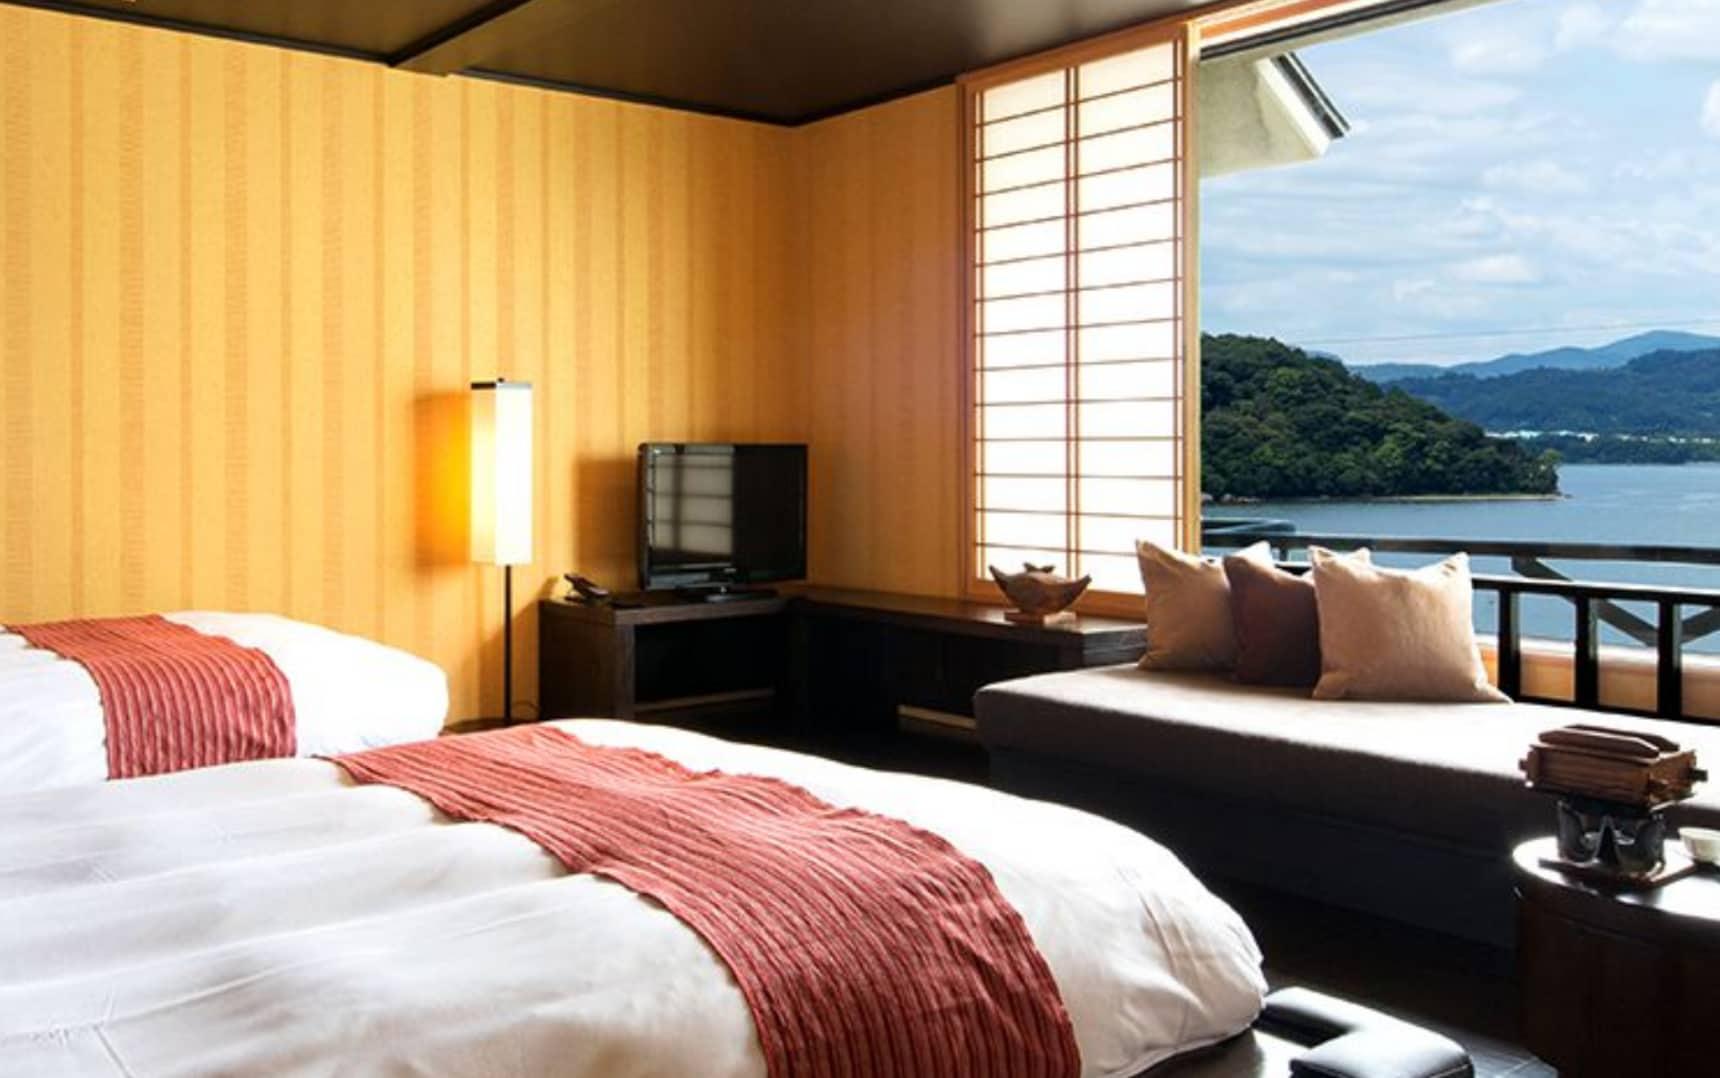 【日本自由行】解讀令人嚮往的住宿品牌「星野集團」